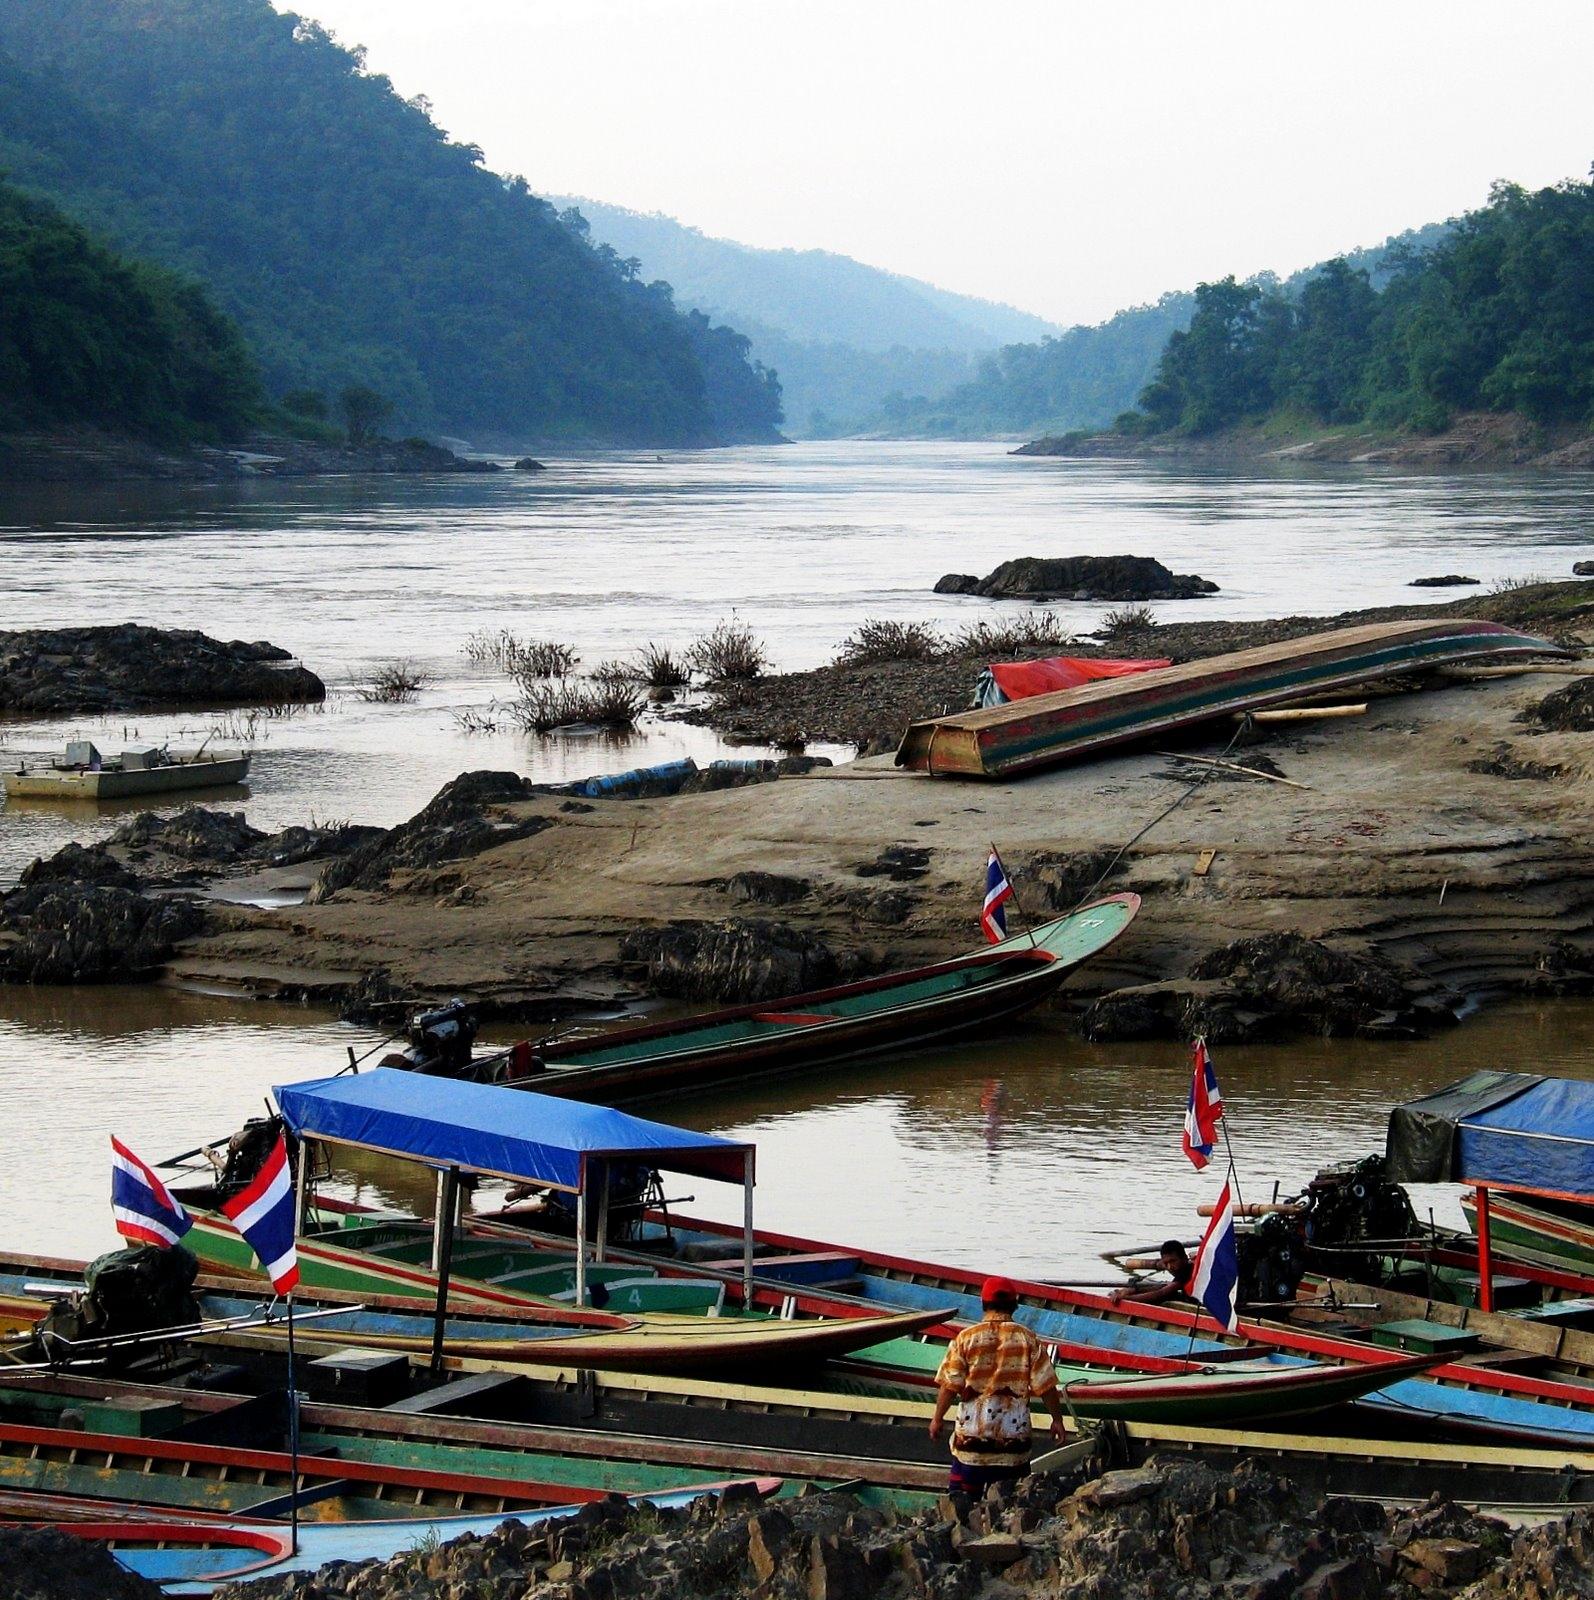 9300 Gambar Flora Endemik Di Asia Tenggara Gratis